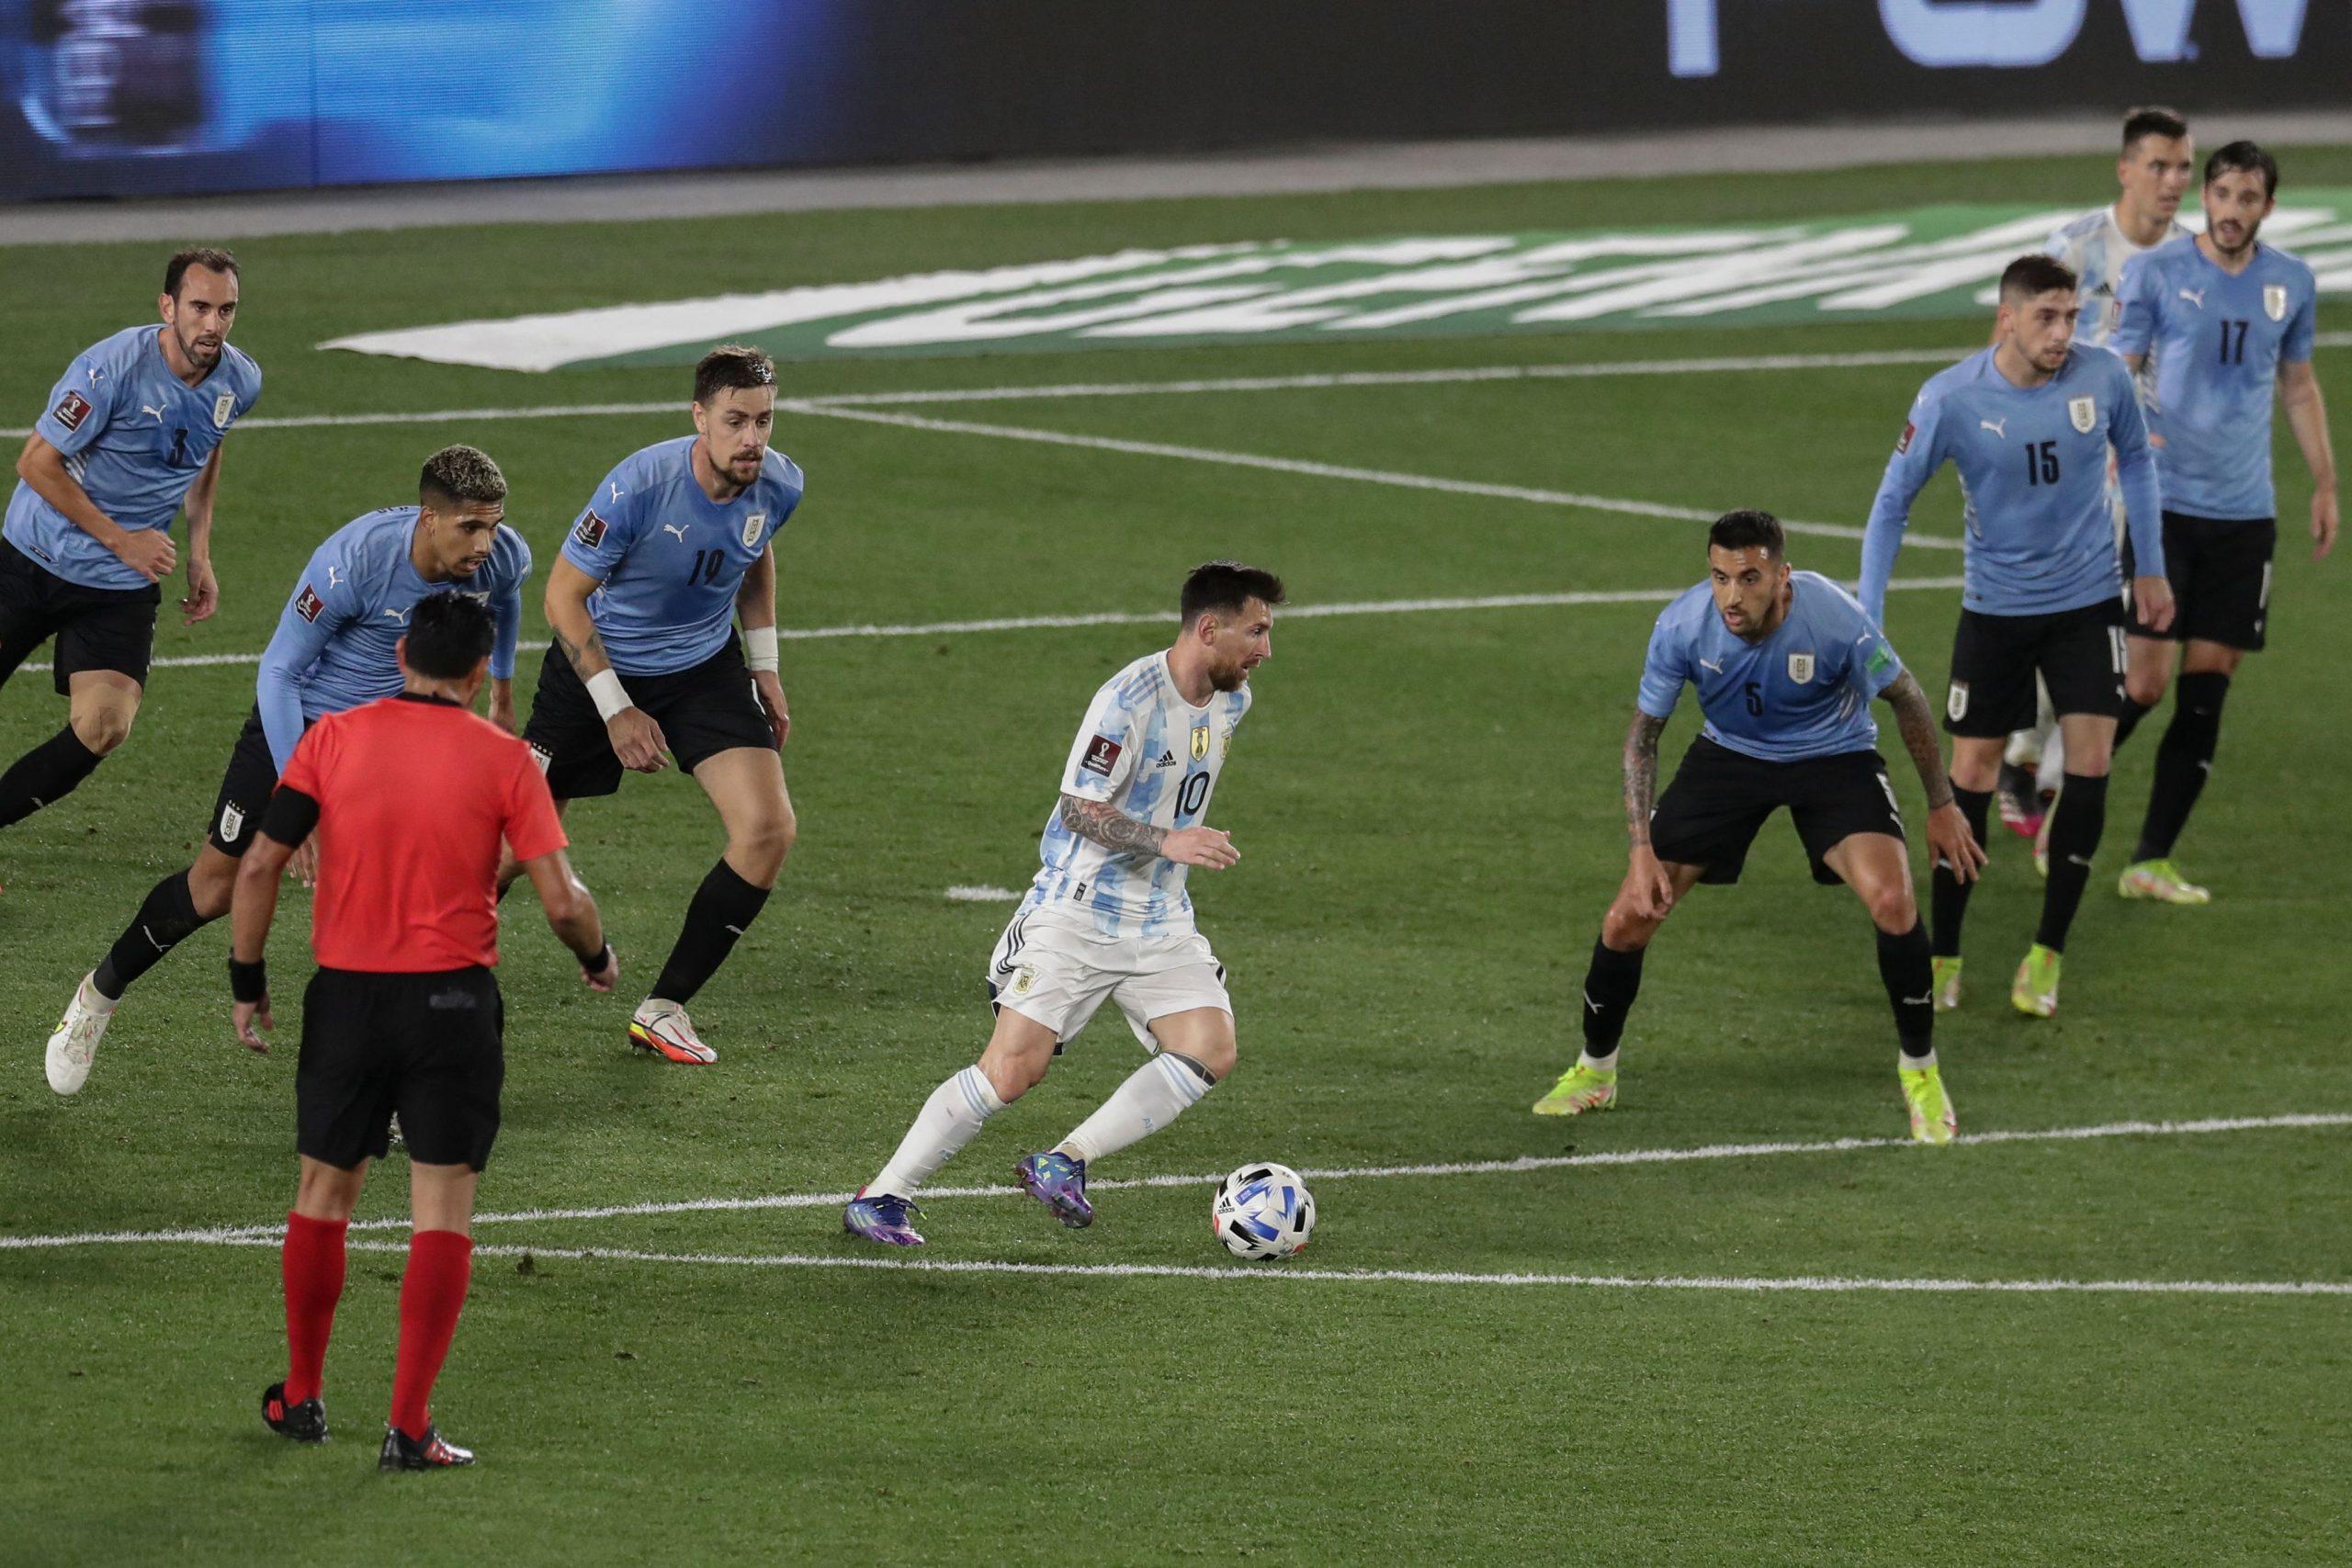 Messi rodeado de siete defensas uruguayos: Foto viral de Leo antes del tercer gol de Argentina